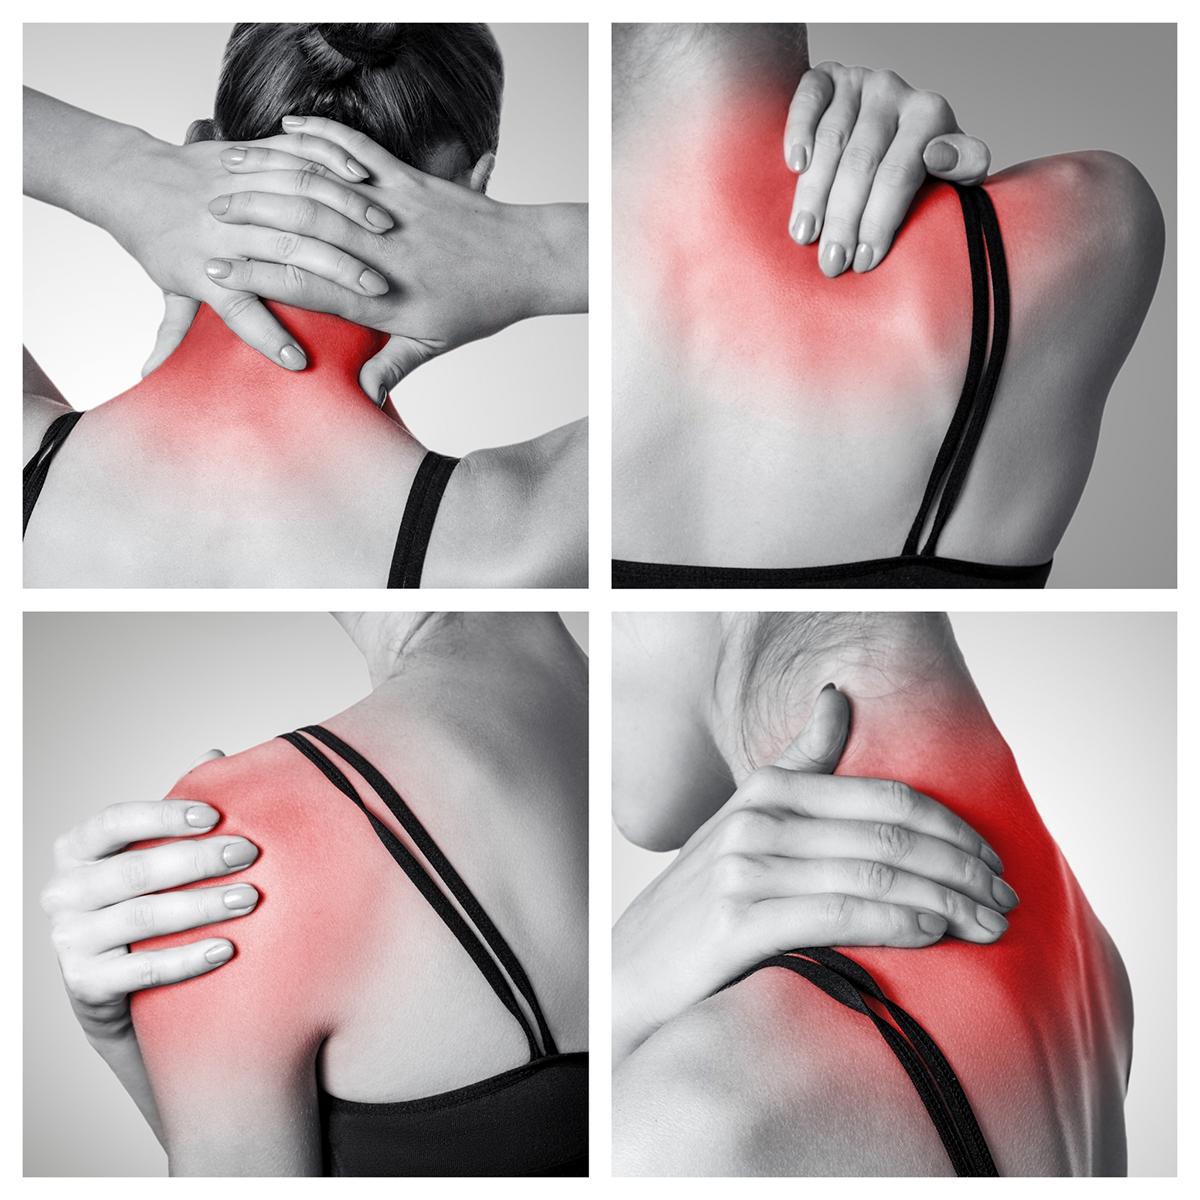 Đau vai gáy lan xuống cánh tay có nguy hiểm không?